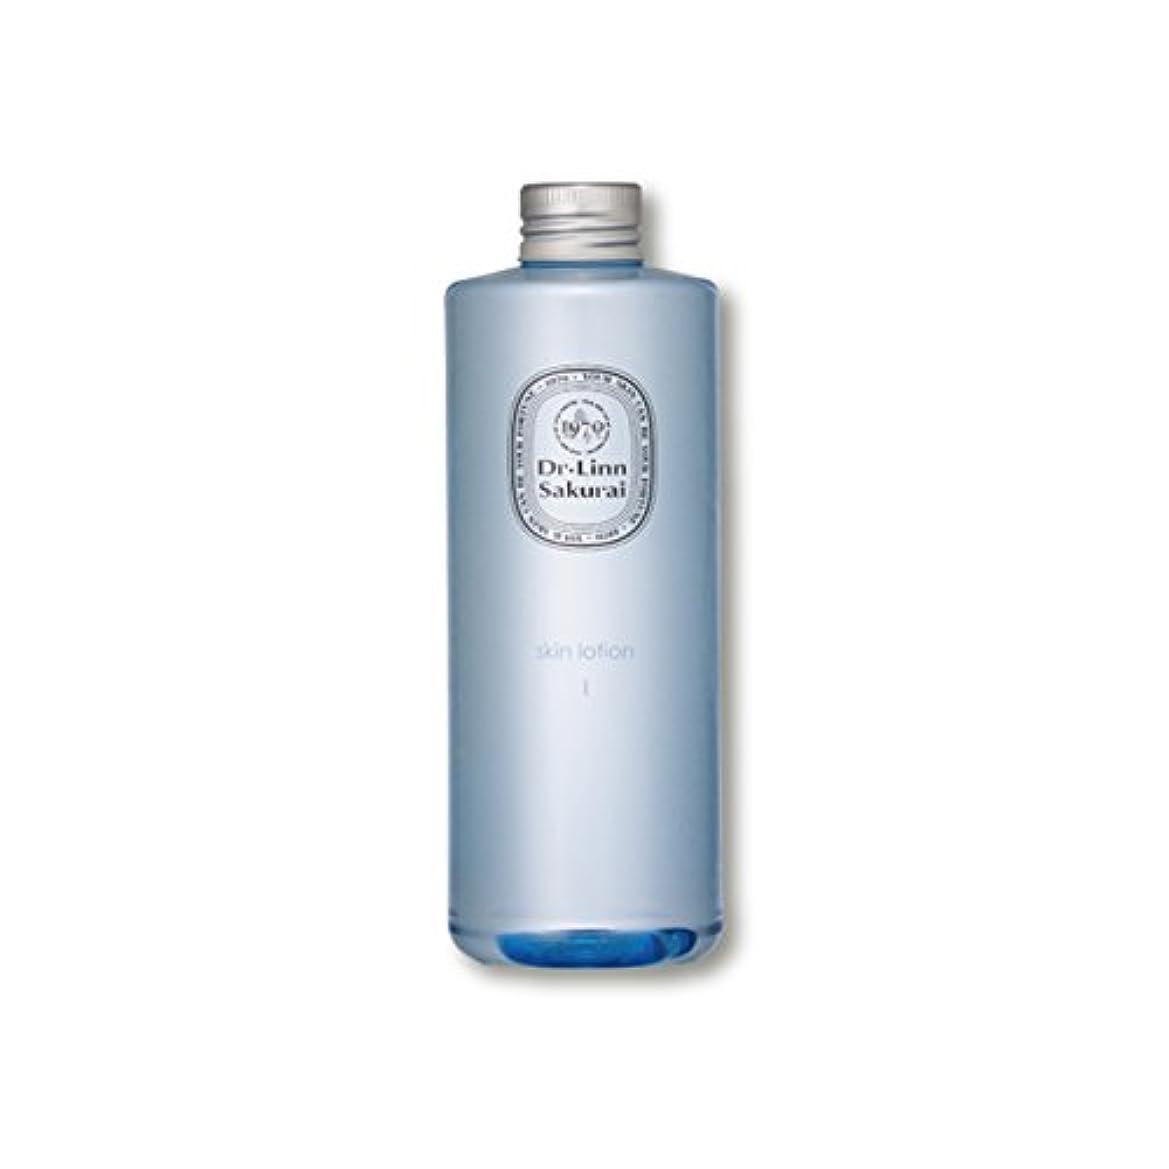 ディレクトリ書道用心深いドクターリンサクライ スキンローションI さっぱりタイプ 300ml  (化粧水)